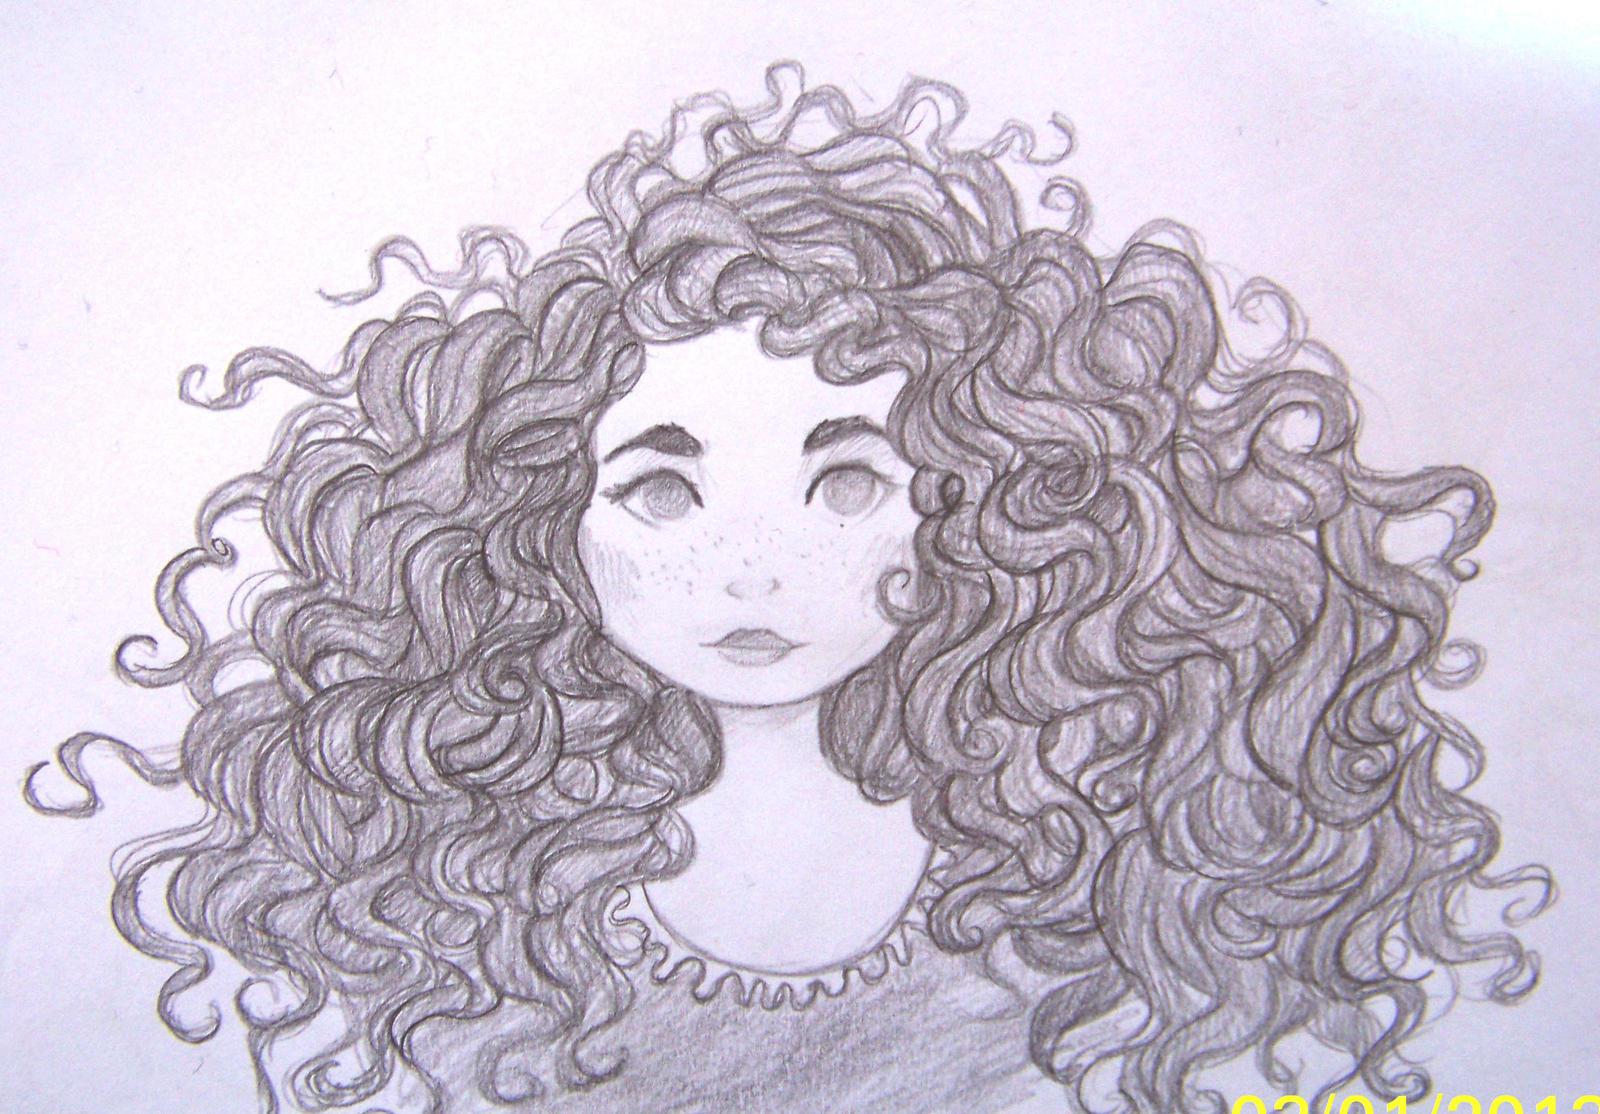 ~Brave~ by EowynLaurelin